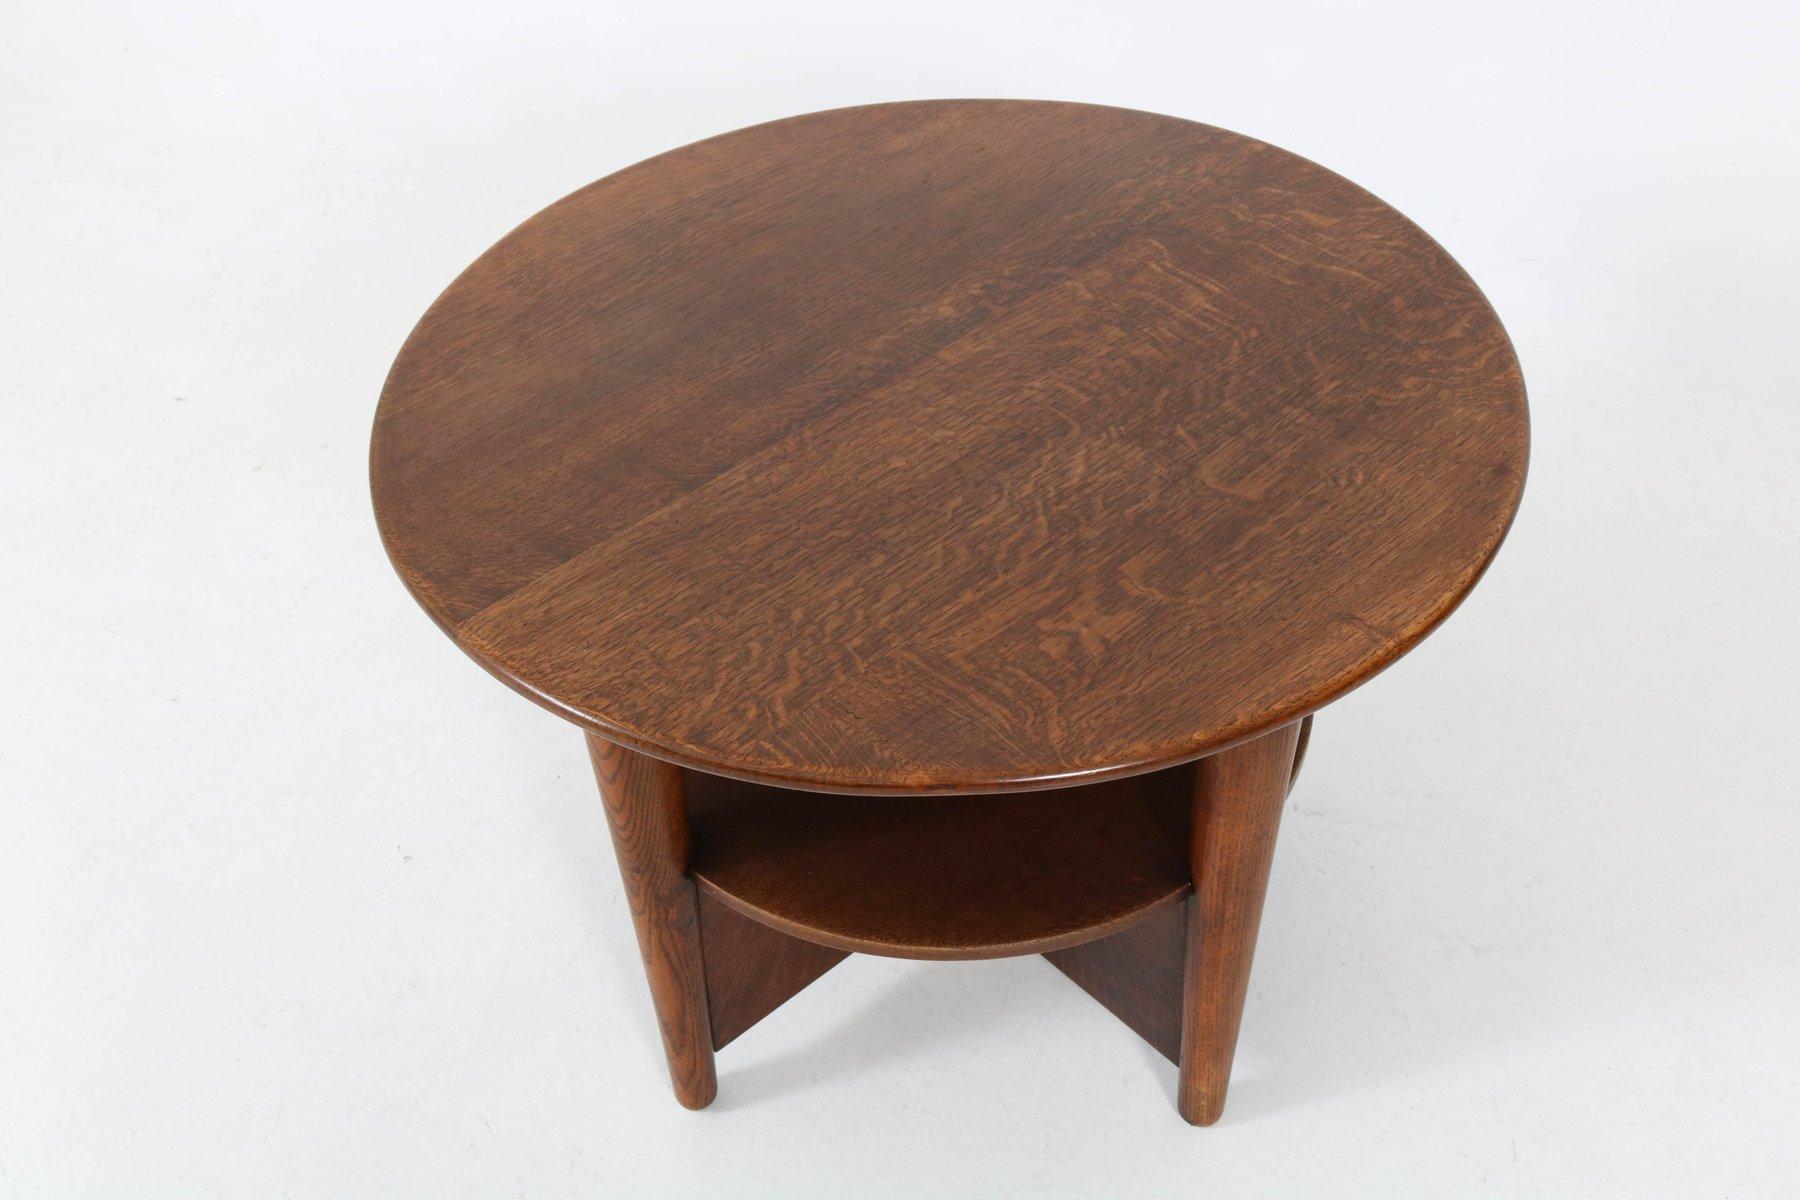 niederl ndischer art deco eichenholz couchtisch bei pamono kaufen. Black Bedroom Furniture Sets. Home Design Ideas